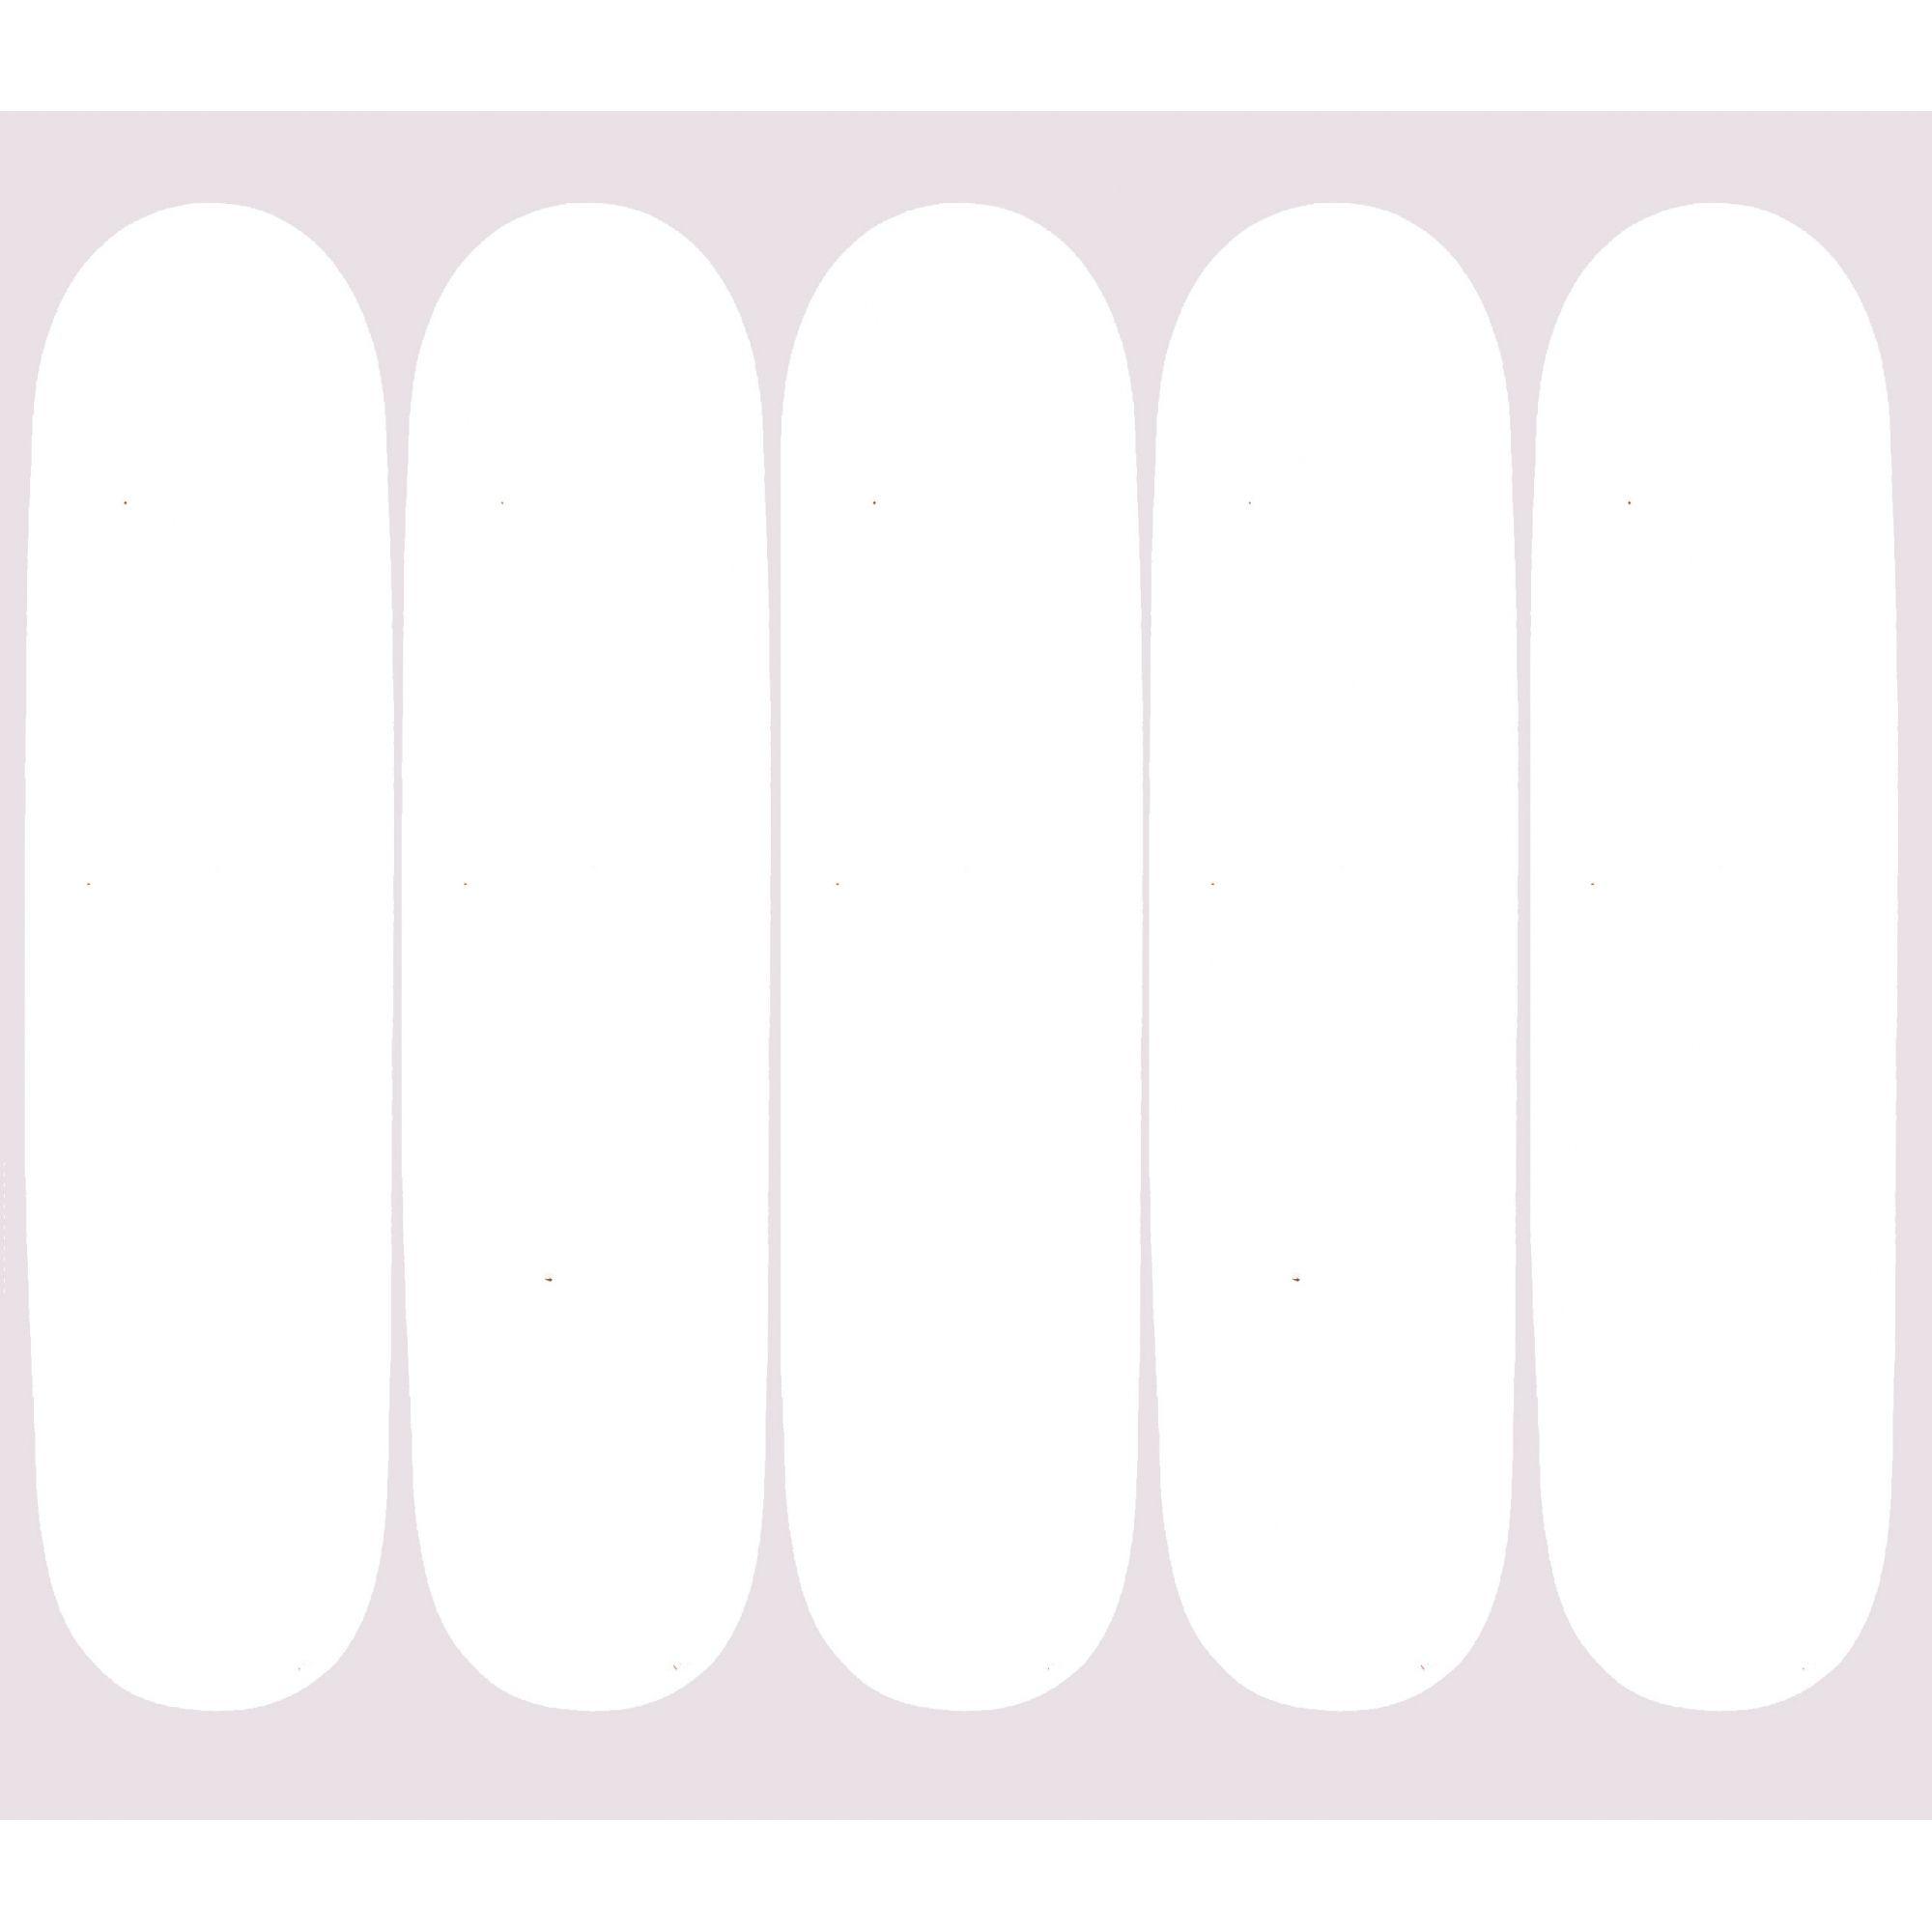 Quadro Personalizado de 5 Shapes